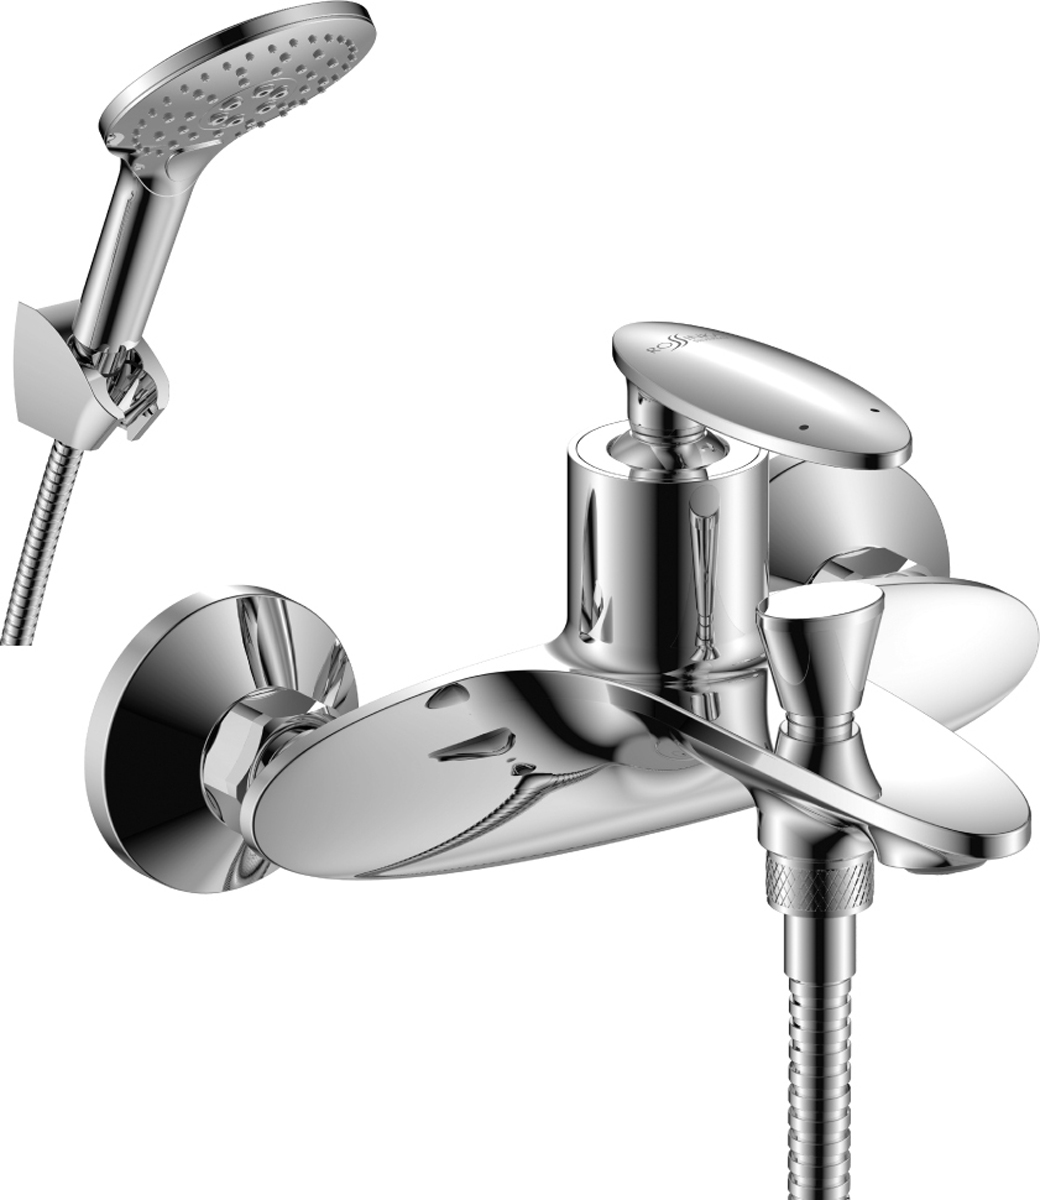 Смеситель Rossinka RS30-31, для ванныRS30-31RS30-31. Смеситель для ванны с монолитным изливом.Комплектация:• пластиковый аэратор с функцией легкой очистки• керамический картридж 35 мм• кнопочный переключатель• аксессуары в комплекте (шланг 1,5 м, 3-функциональная лейка с функцией легкой очистки, 3-х позиционный держатель для лейки)• присоединительная группа (эксцентрики с отражателями) для вертикального крепления• металлическая рукояткаСмесители Rossinka были разработаны российским институтом «НИИ Сантехники», что позволило произвести продукт, максимально подходящий под условия эксплуатации в нашей стране (жесткая вода, частые перепады температуры и напора воды).«НИИ Сантехники» рекомендует установку смесителей Rossinka в жилых помещениях, в детских, лечебно-профилактических, дошкольных и школьных учреждениях.Наличие международного сертификата ISO 9001 гарантирует стабильность качества выпускаемой продукции.Сервисная сеть насчитывает 90 гарантийных мастерских по России и странам СНГ.Плановый срок службы смесителей 30 лет.Гарантия на смесители 7 лет.